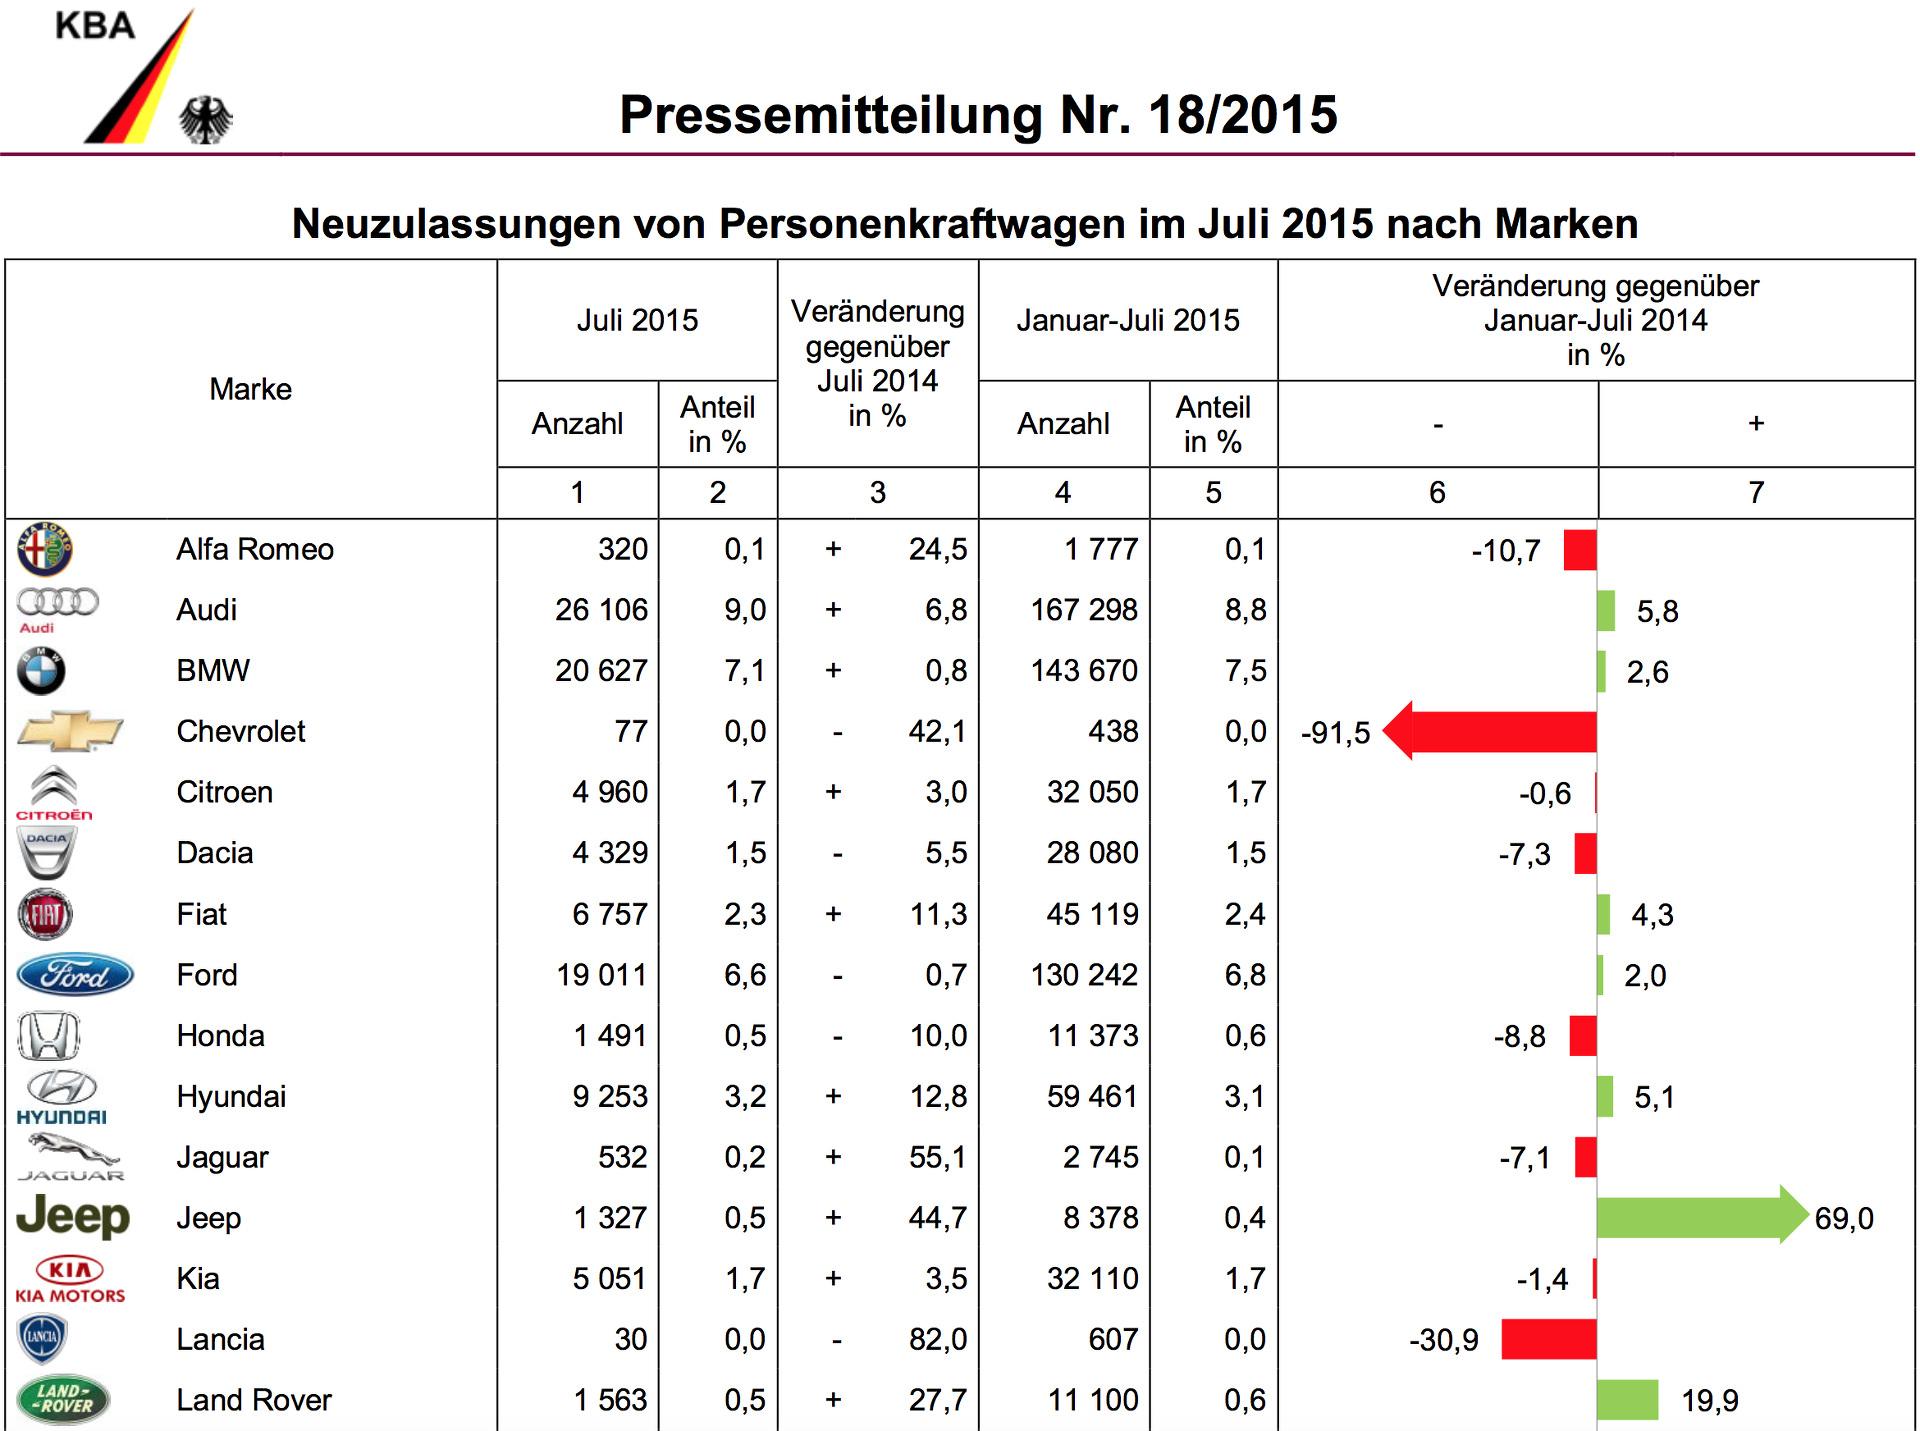 Как обстоят дела с продажами новых автомобилей в Европе?